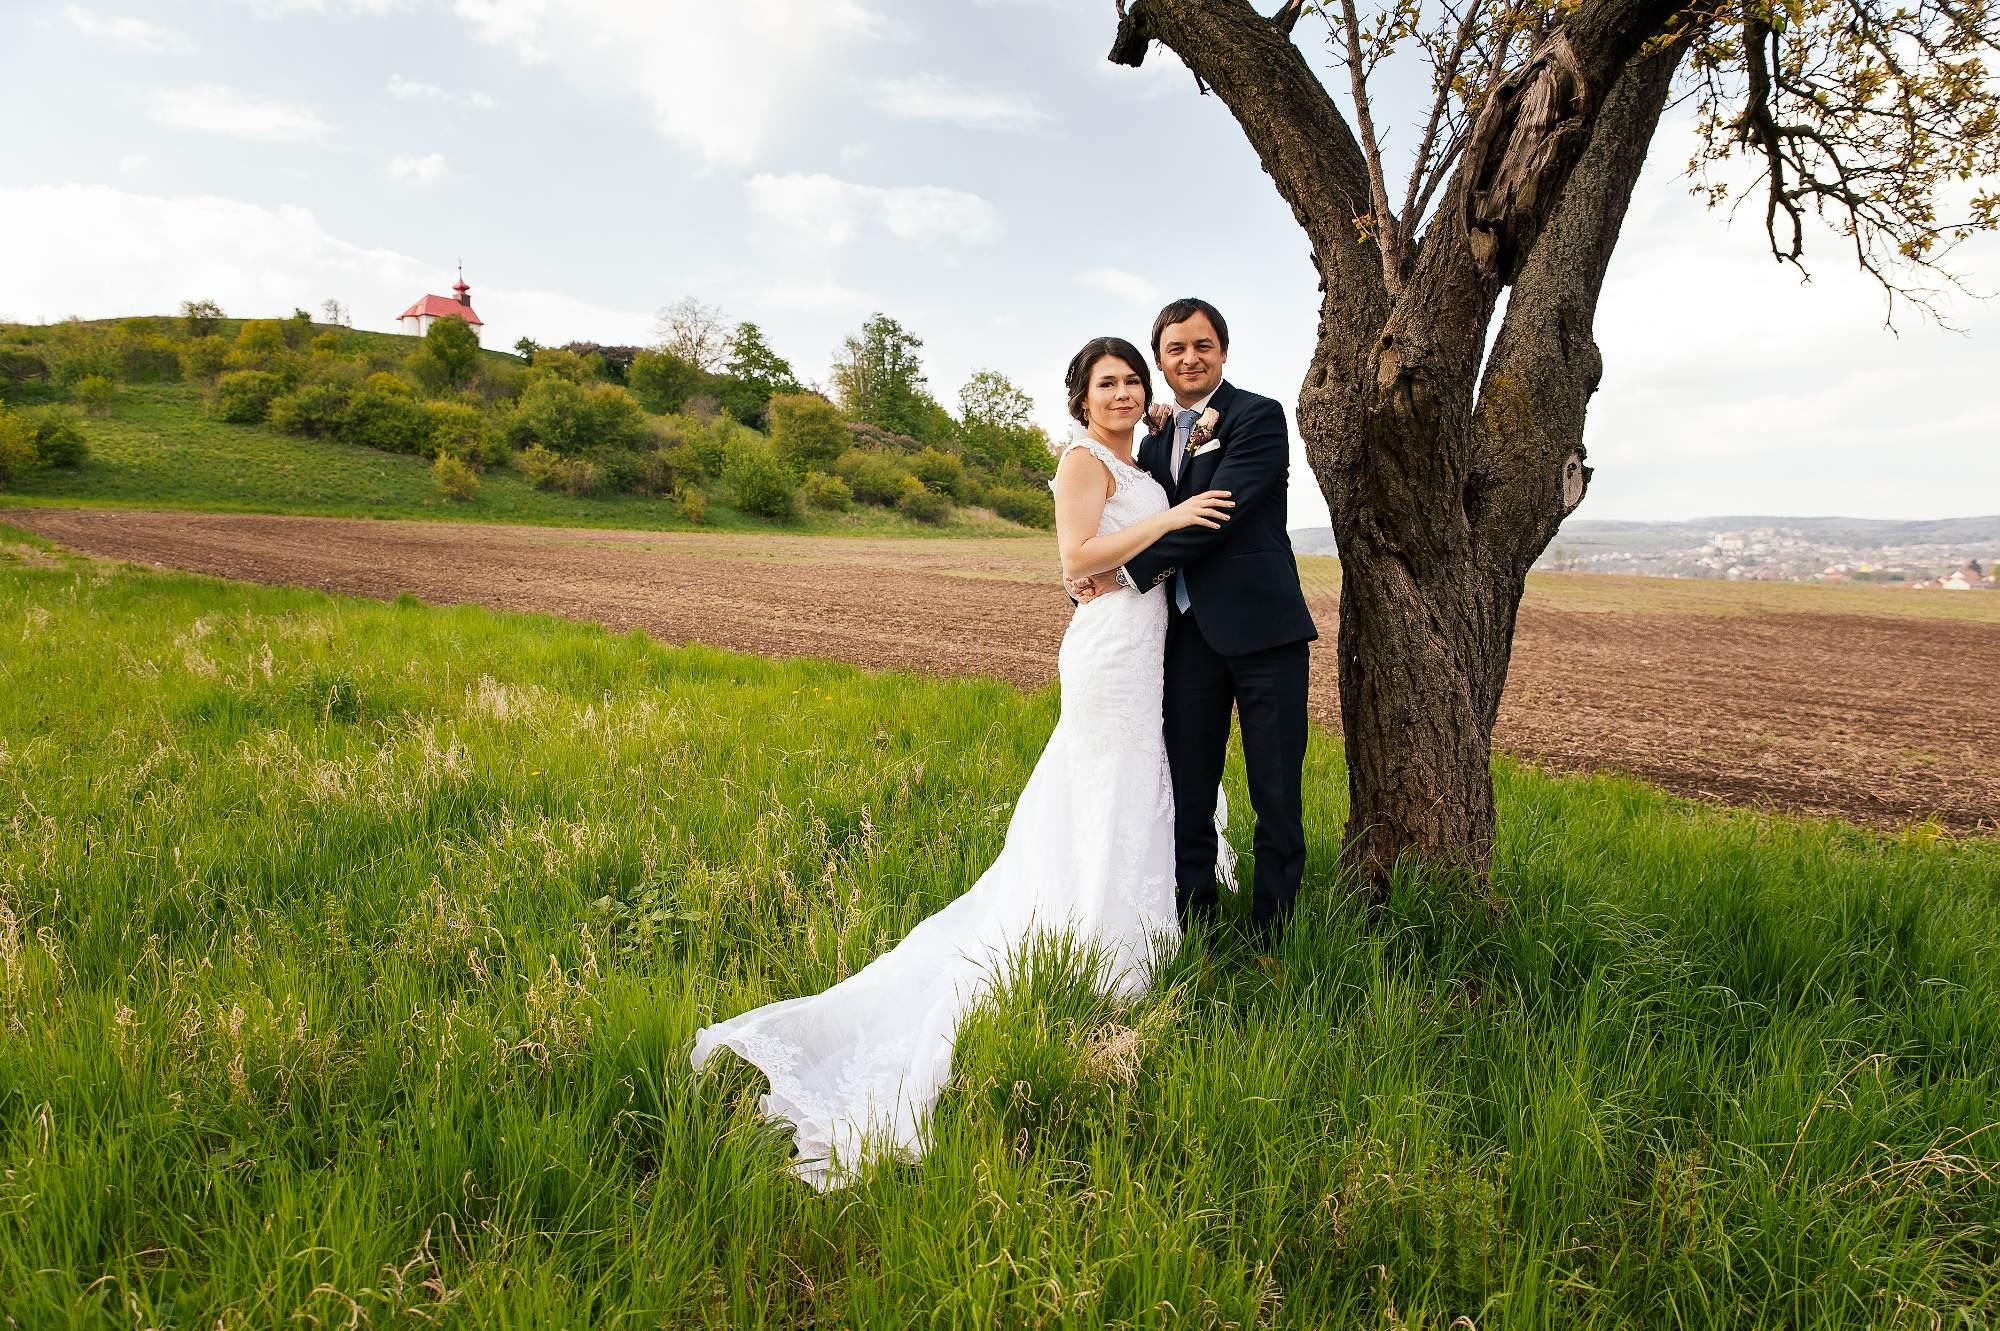 Svatební fotograf, Stará pošta, Santon, Tvarožná, Brno, jižní Morava